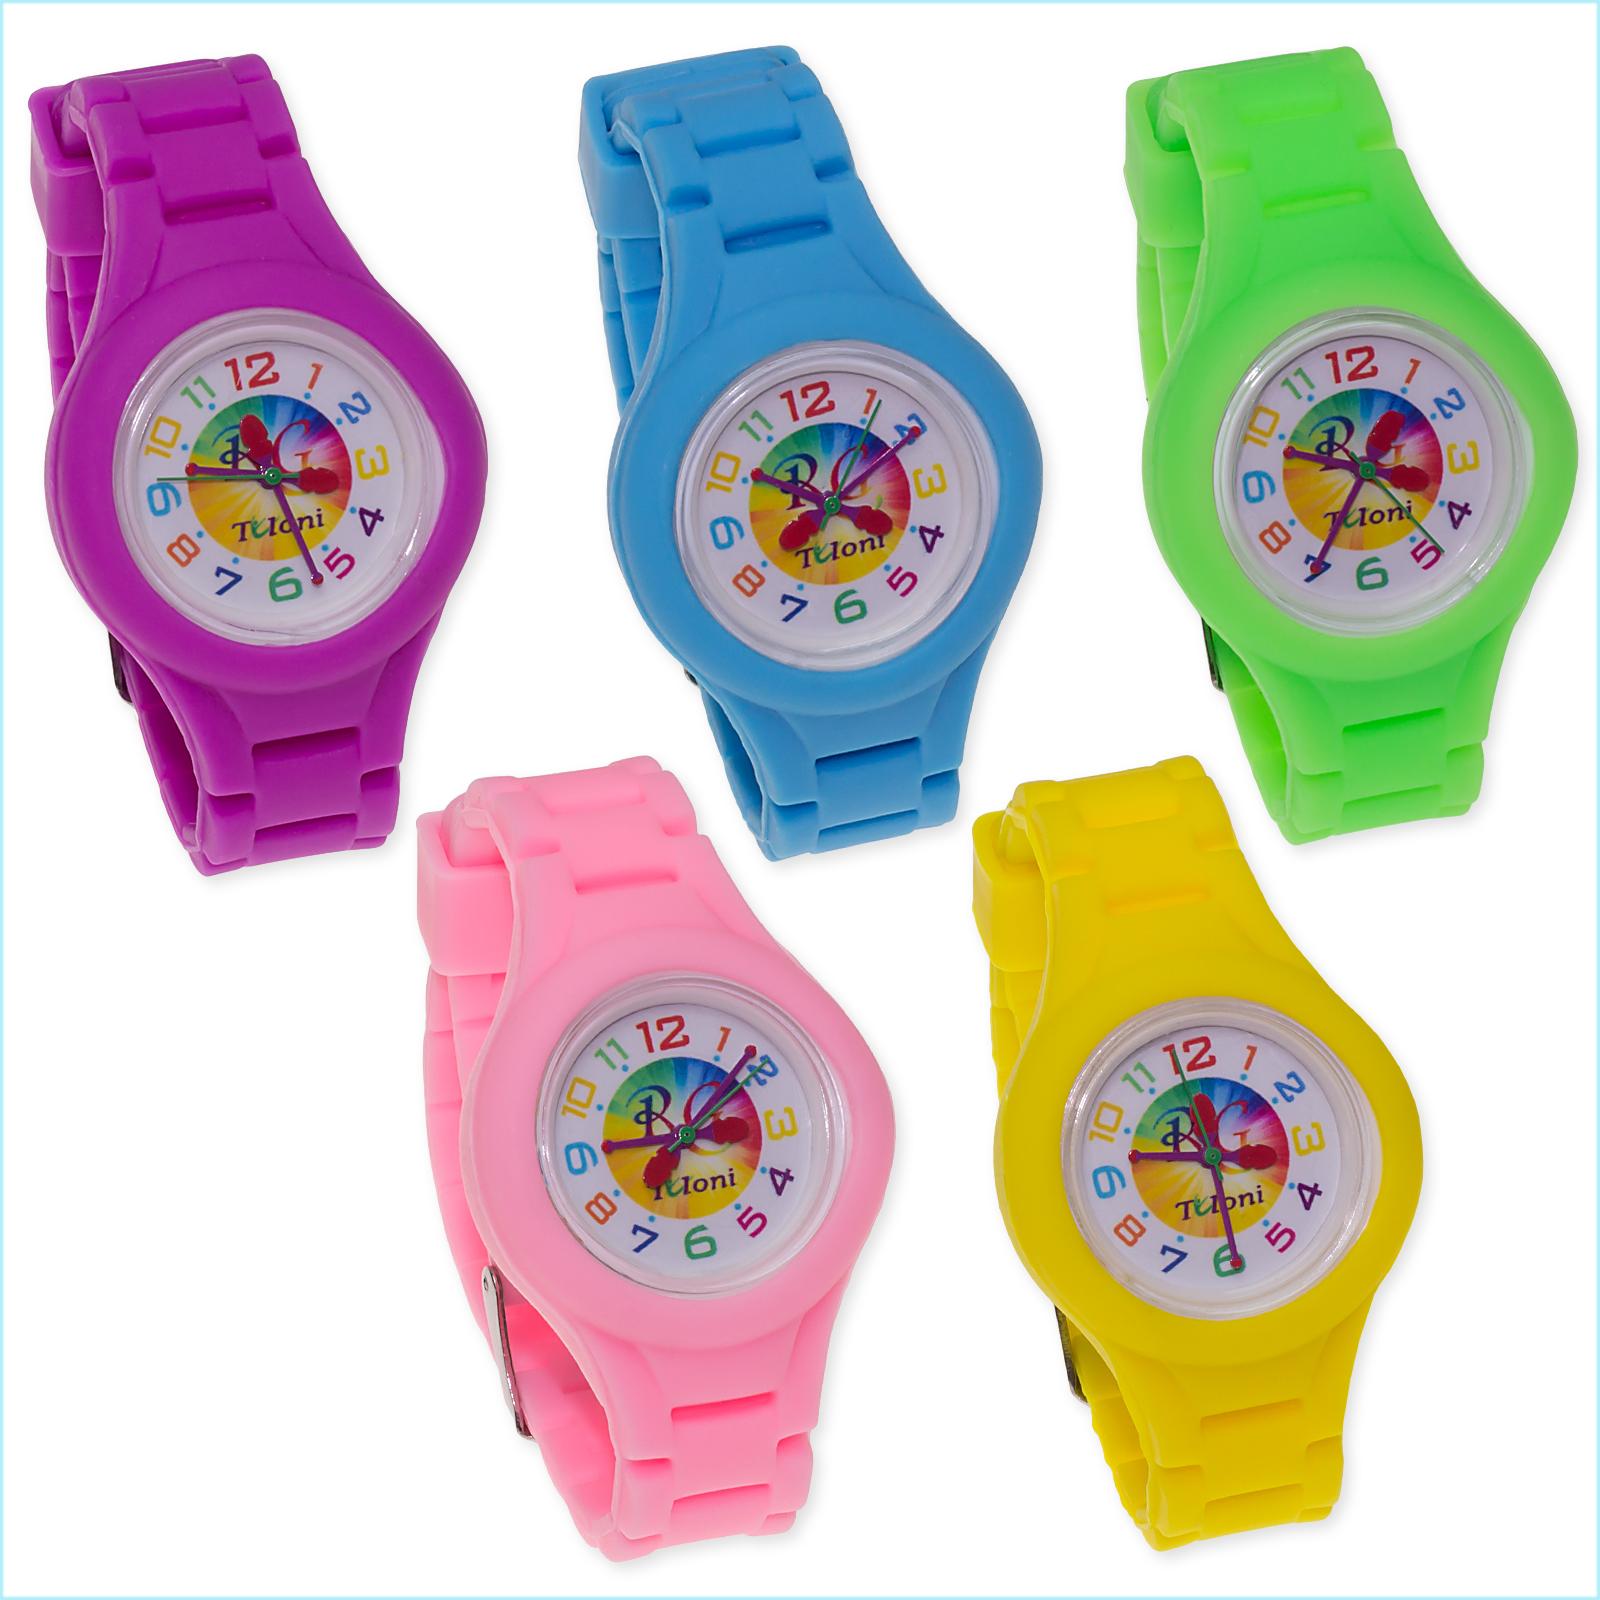 Часы Tuloni модель#3 ремешок#2 цвет Светло-Розовый Артикул T0203-2LP-2